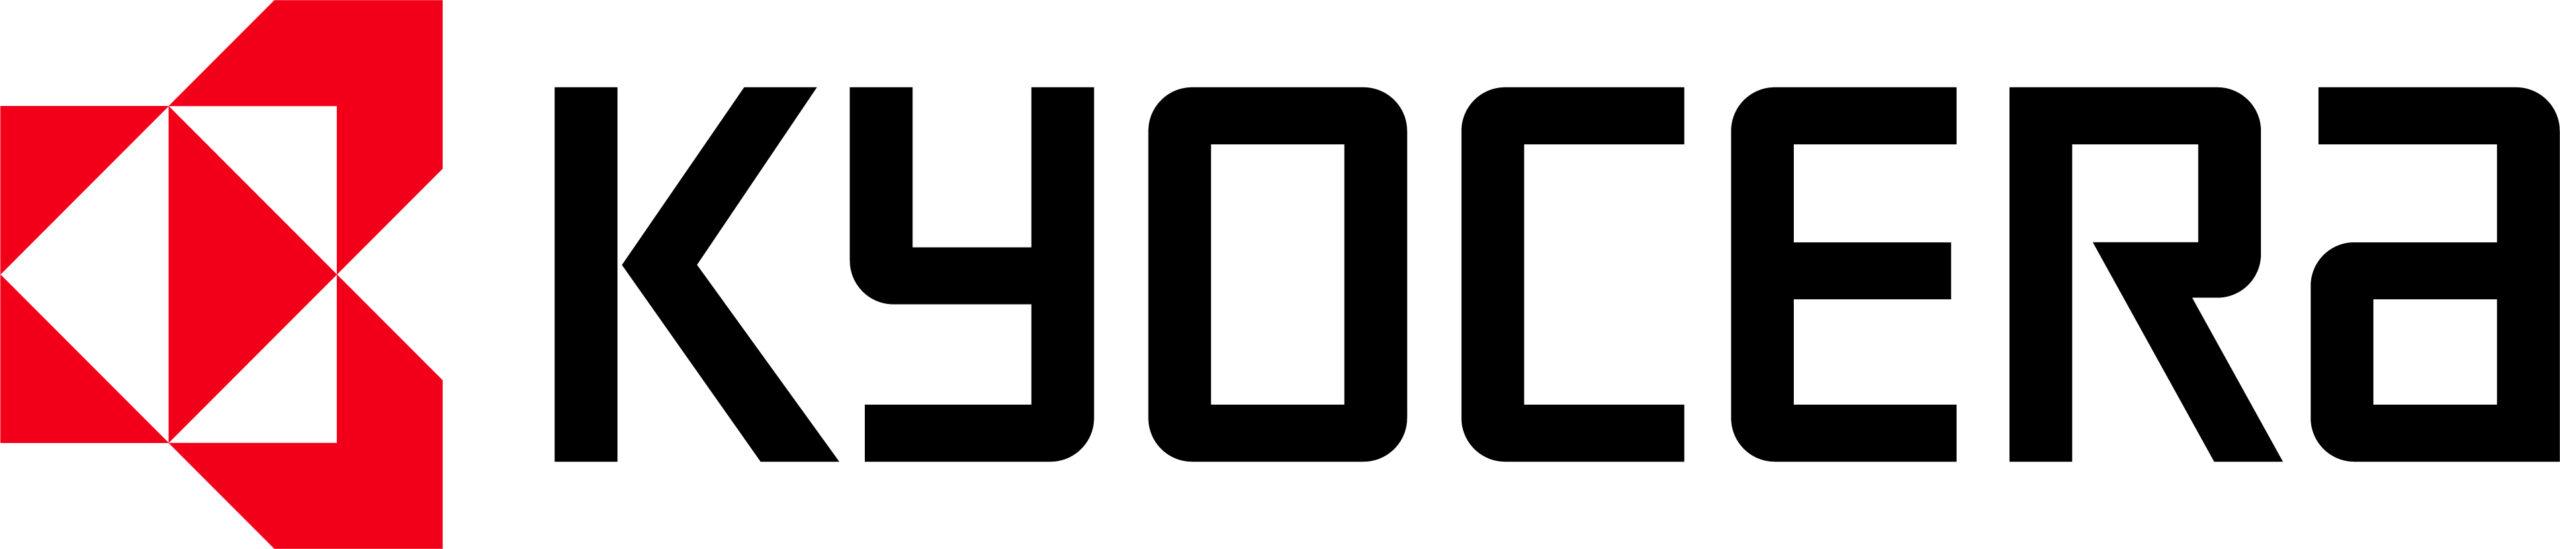 KYOCERA_CMYK_Logo-positive